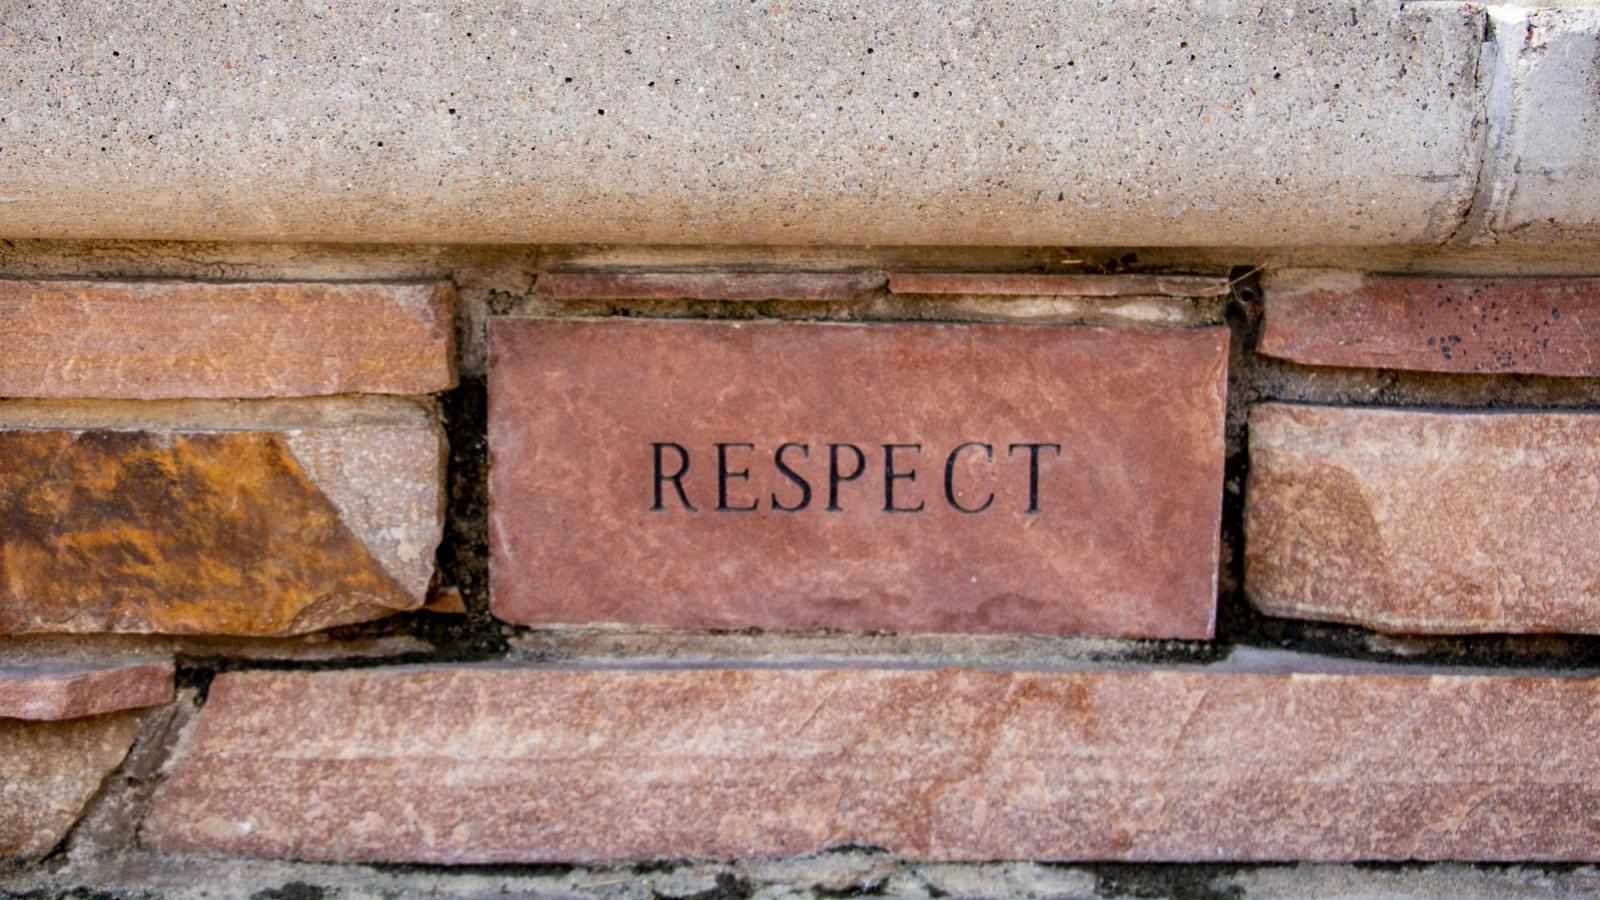 Respect written on a brick